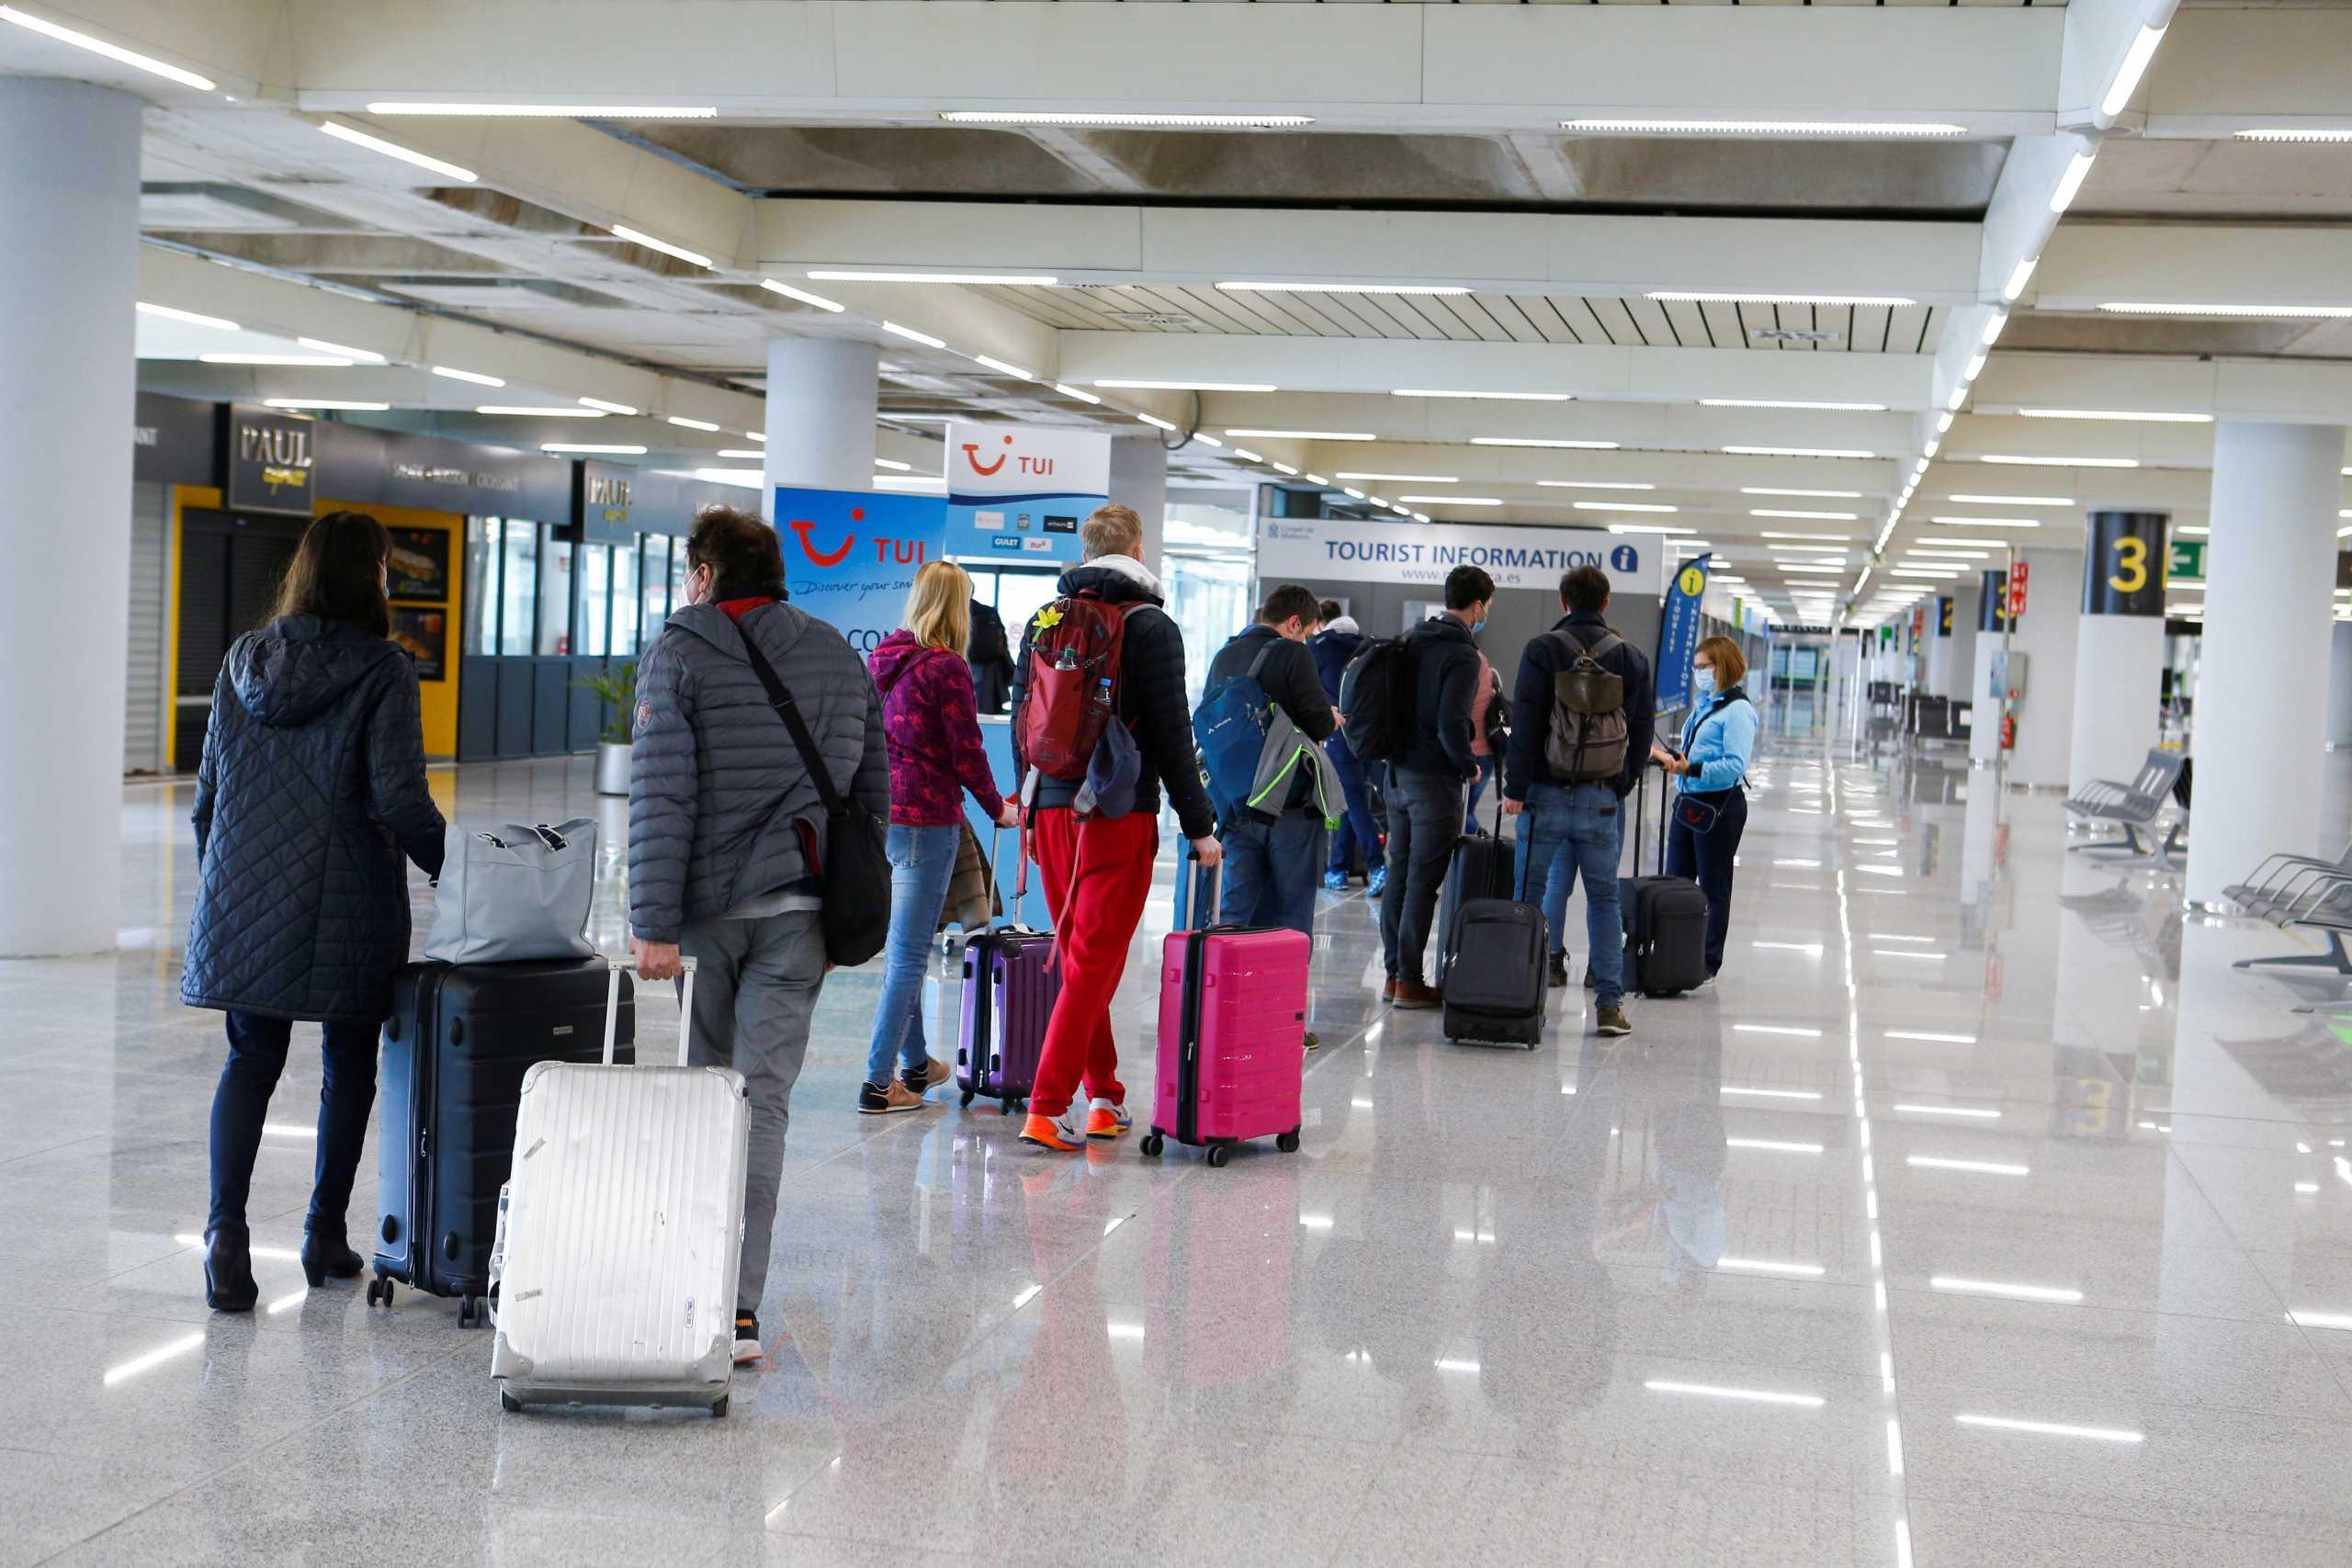 Γερμανία: Μειώνει τις αφίξεις ταξιδιωτών από την Ινδία – Θεωρείται «χώρα υψηλού κινδύνου»